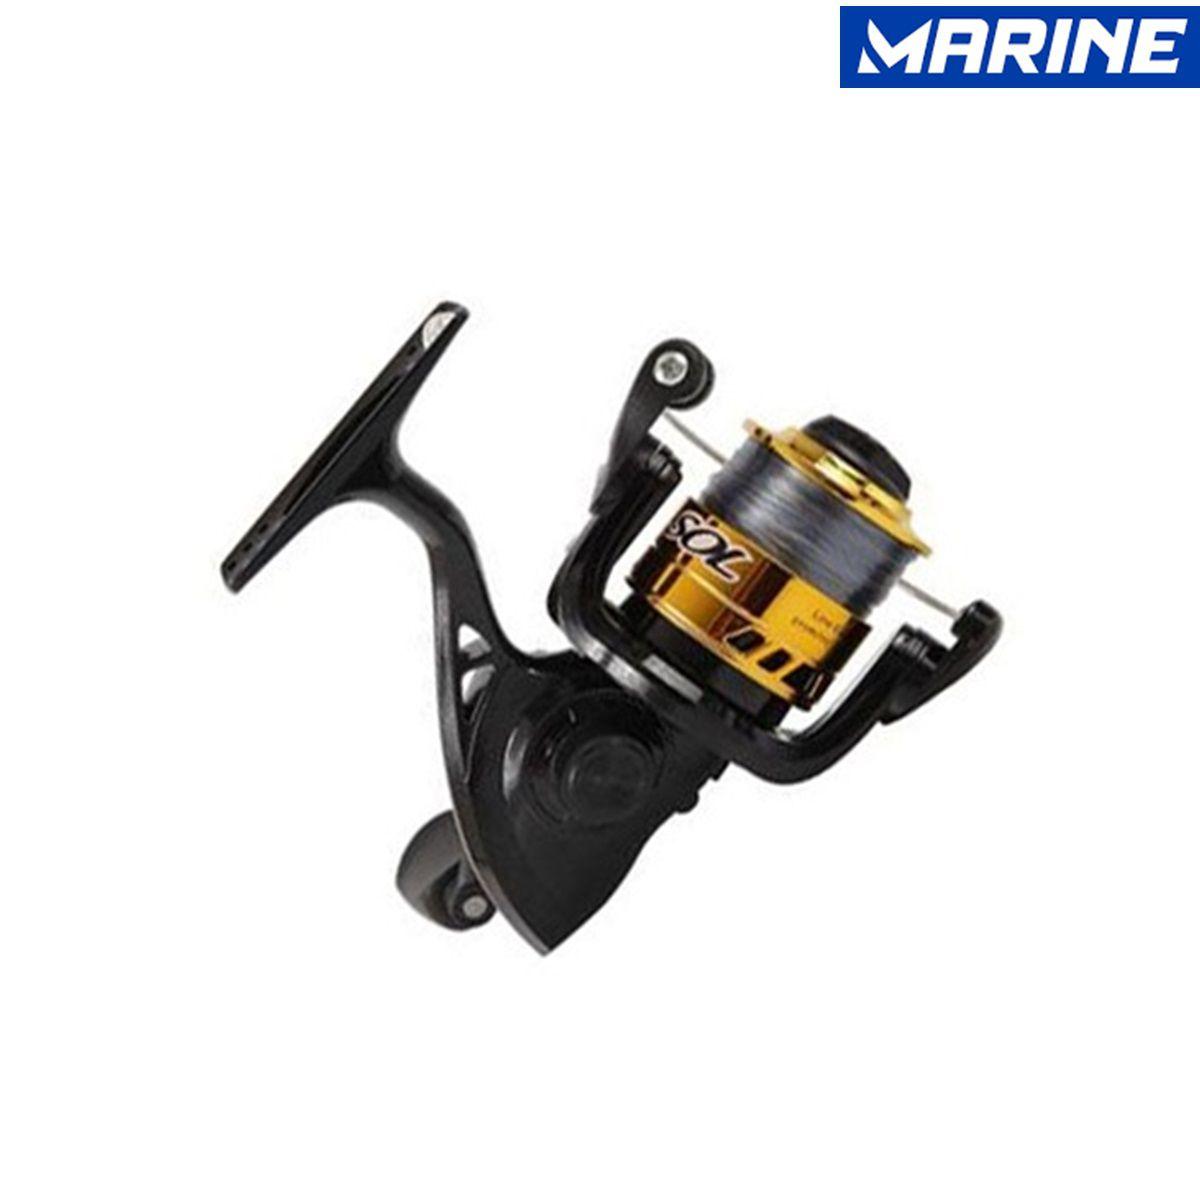 Molinete 200 1 Rolamento Corpo Carretel Grafite Marine Sports